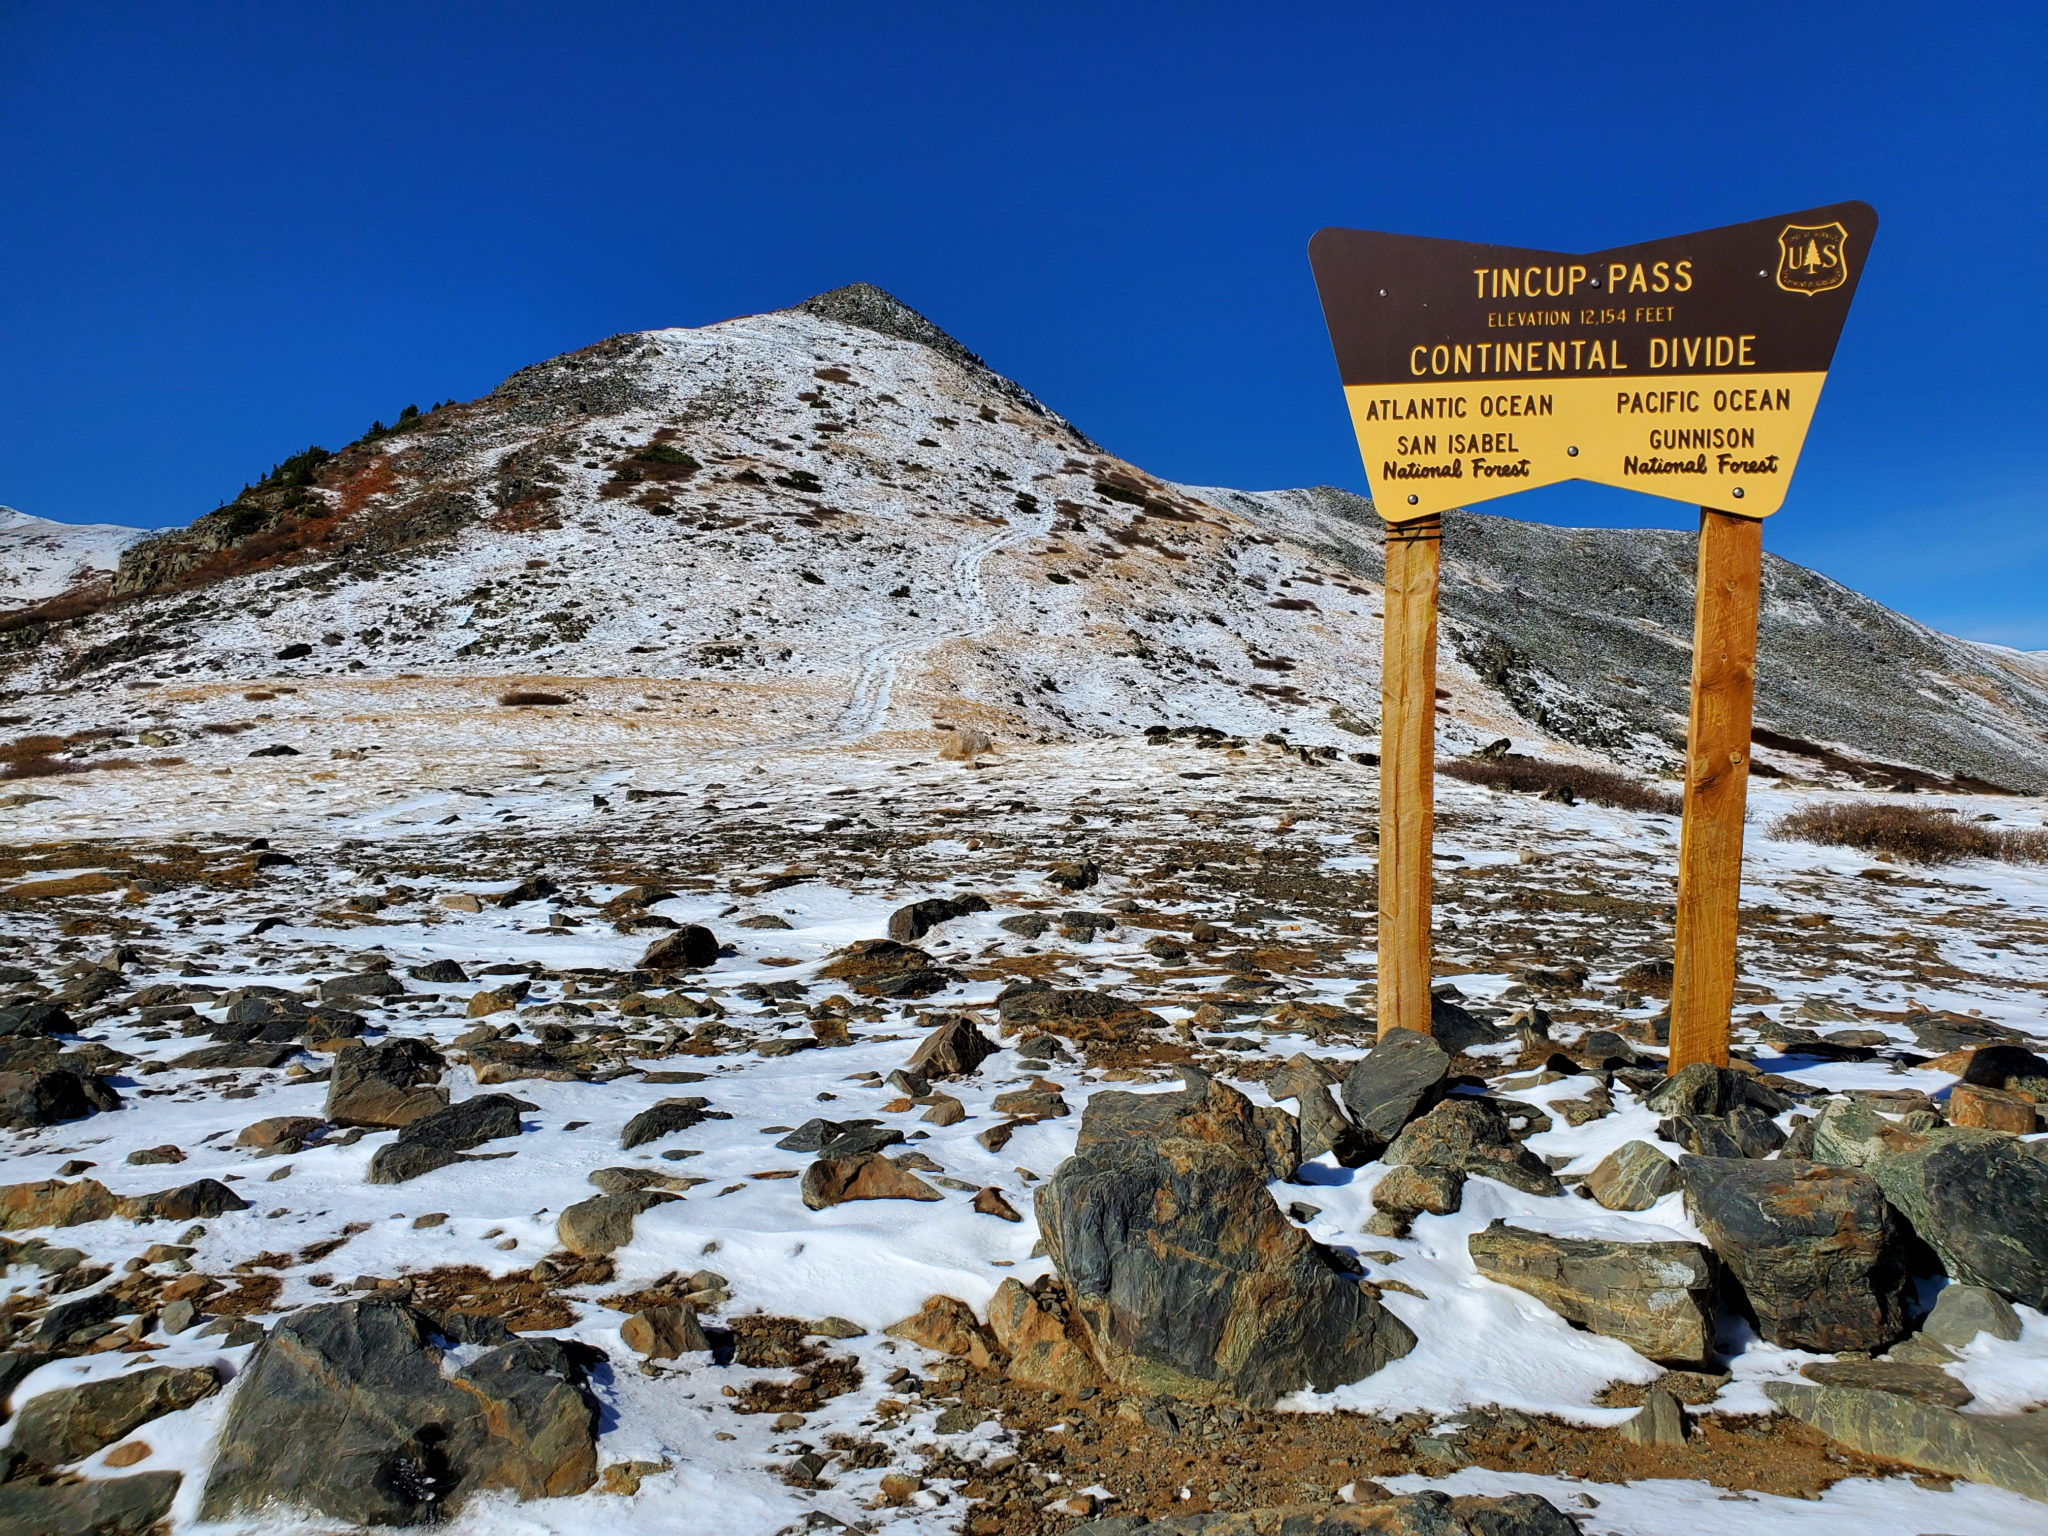 Tincup Pass 12,154